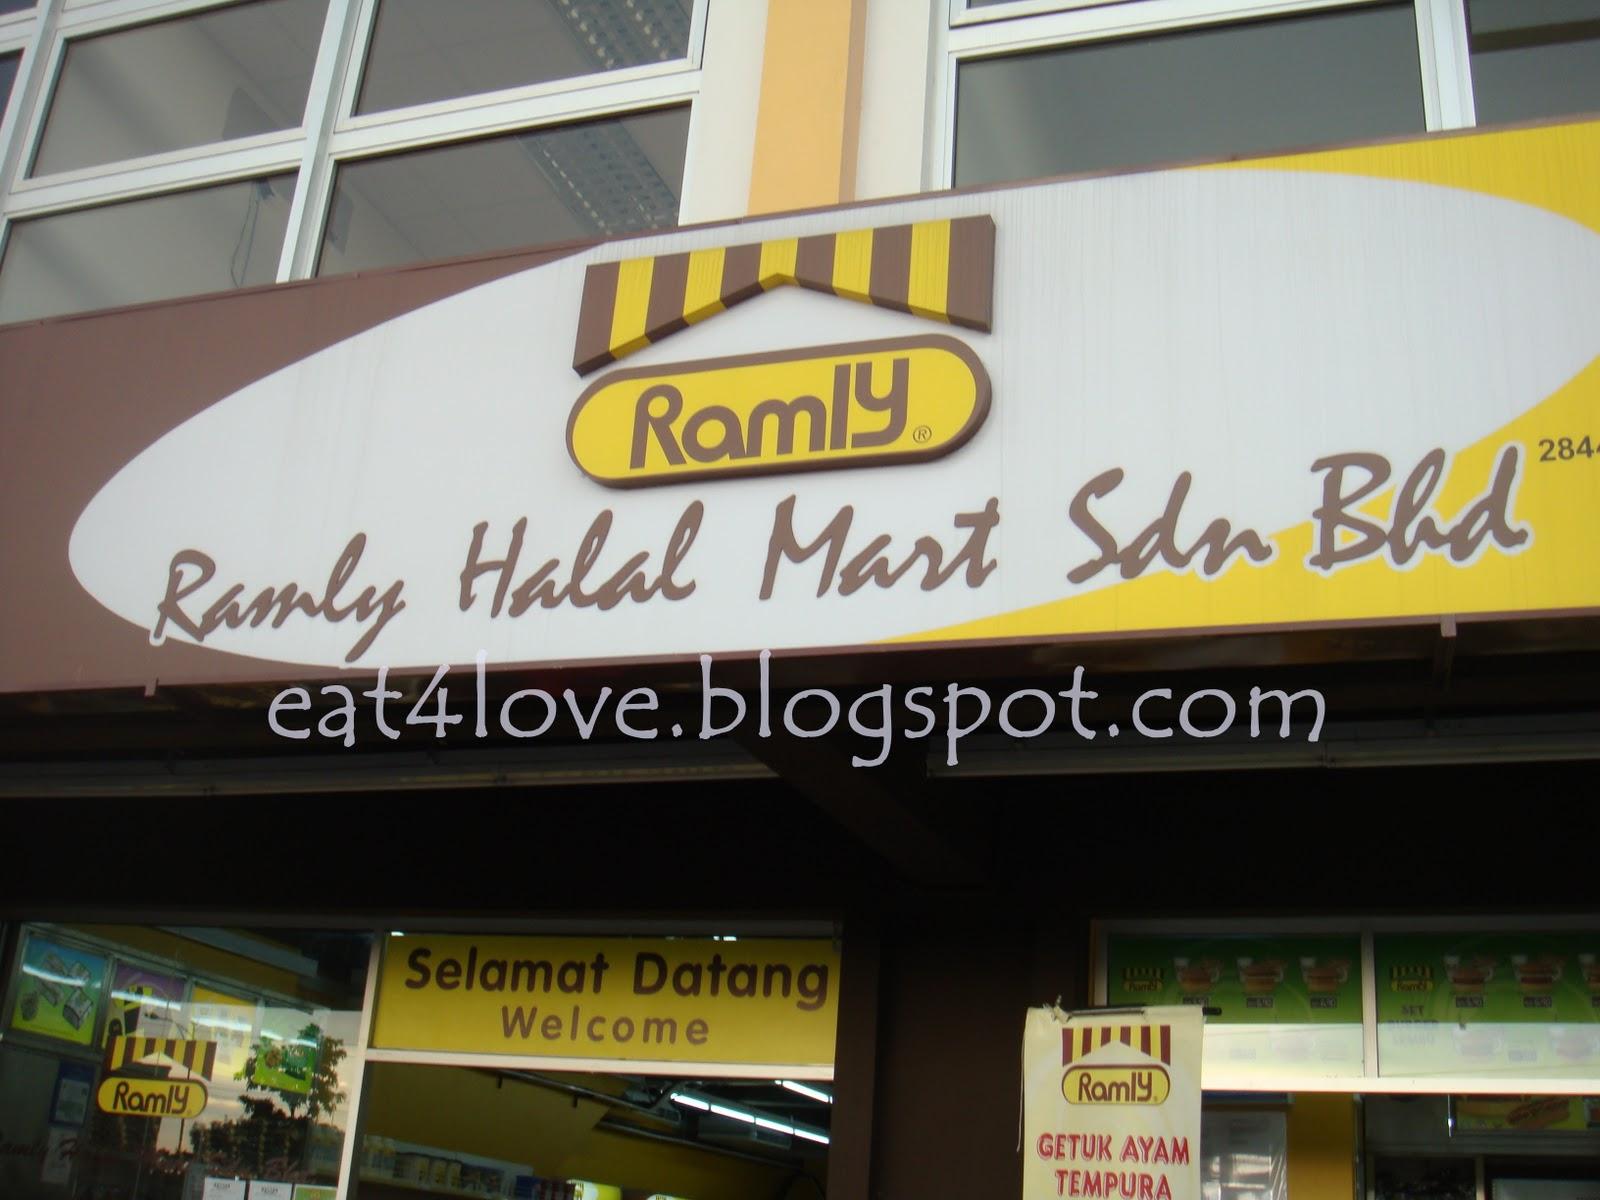 inilah kedai Ramly... cari2, hihi...